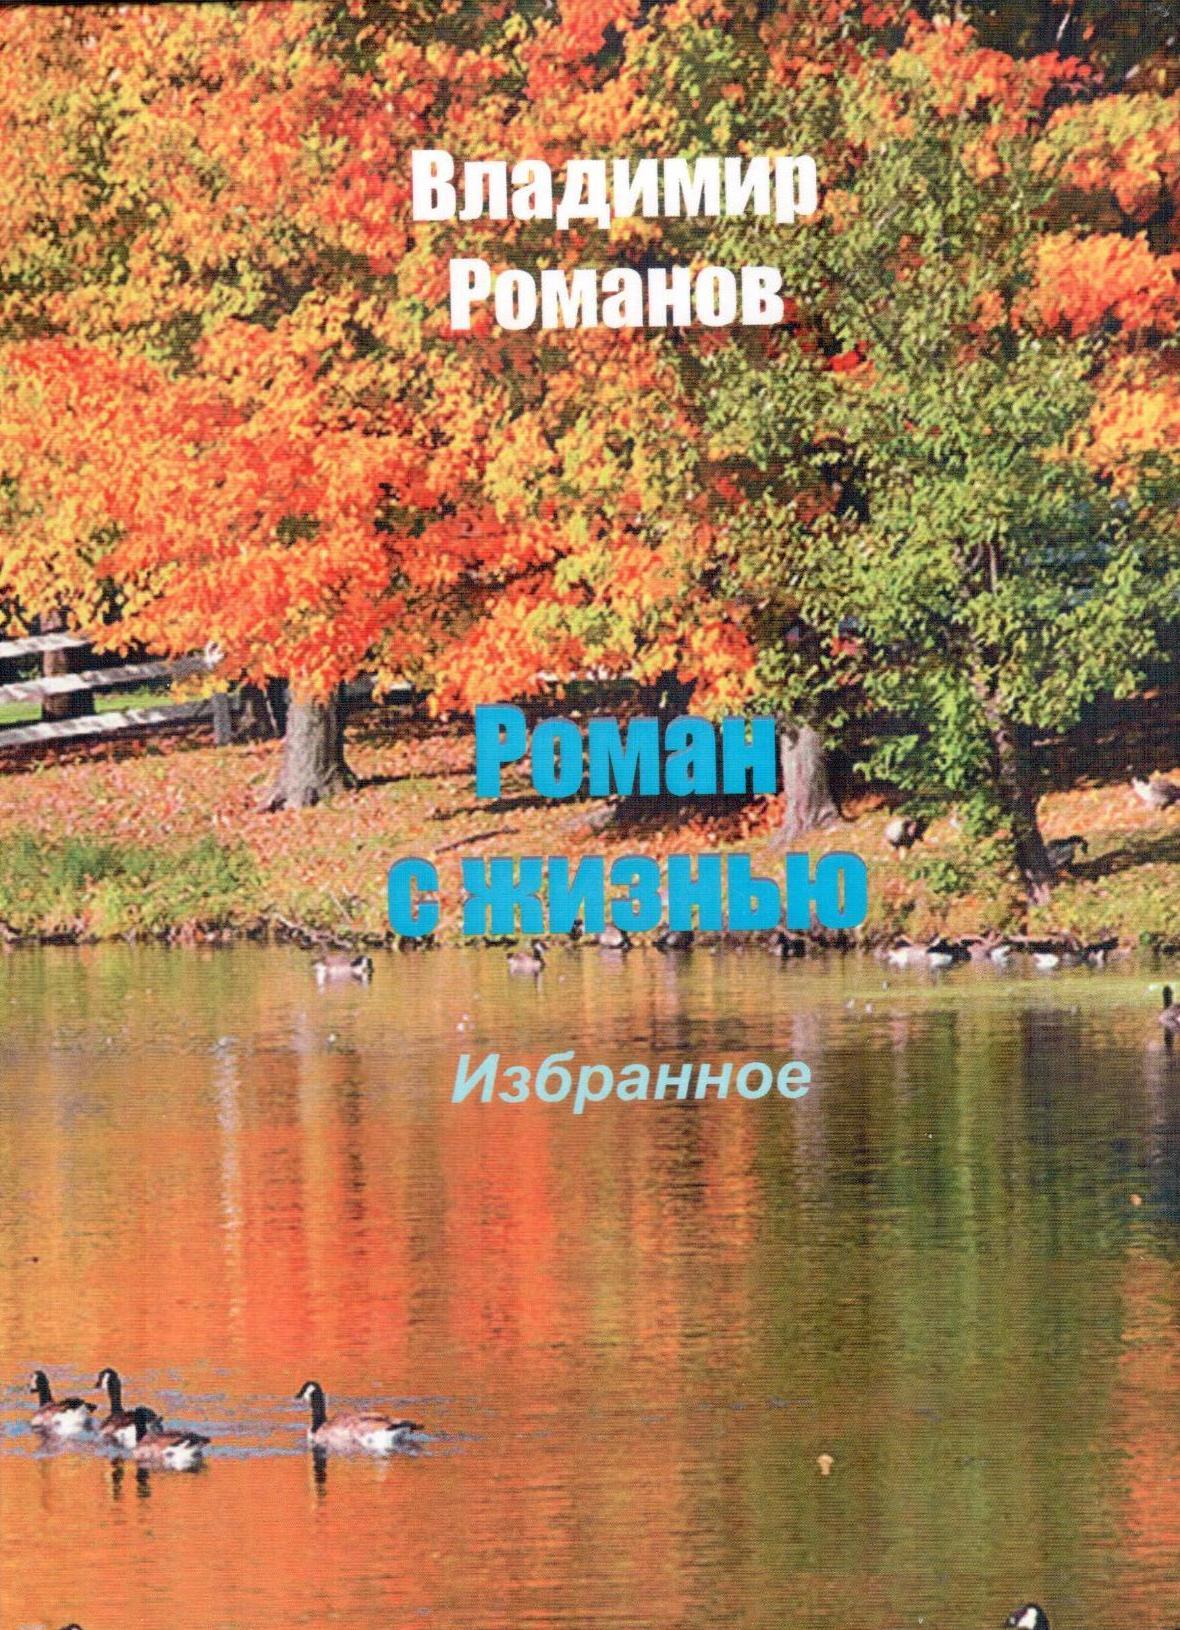 В. Романов - Роман с жизнью